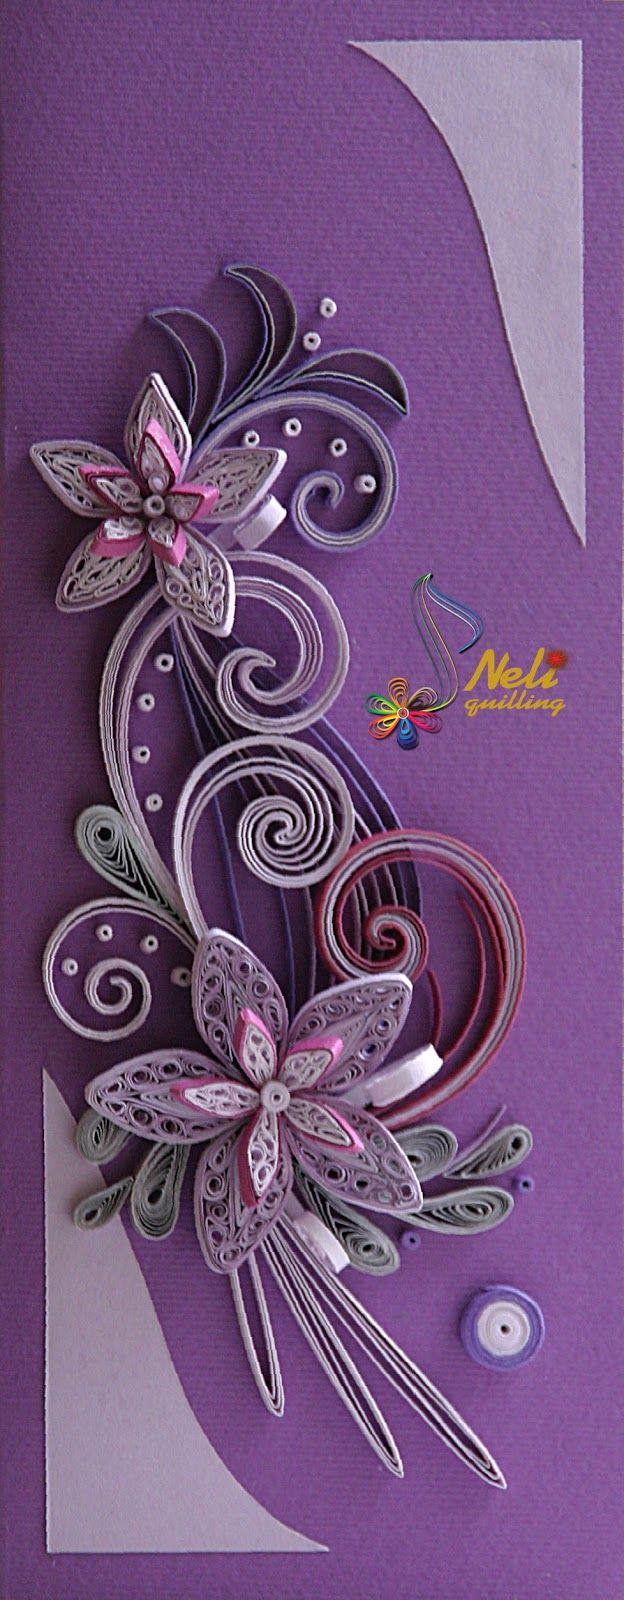 Neli Quilling Art: Quilling cards